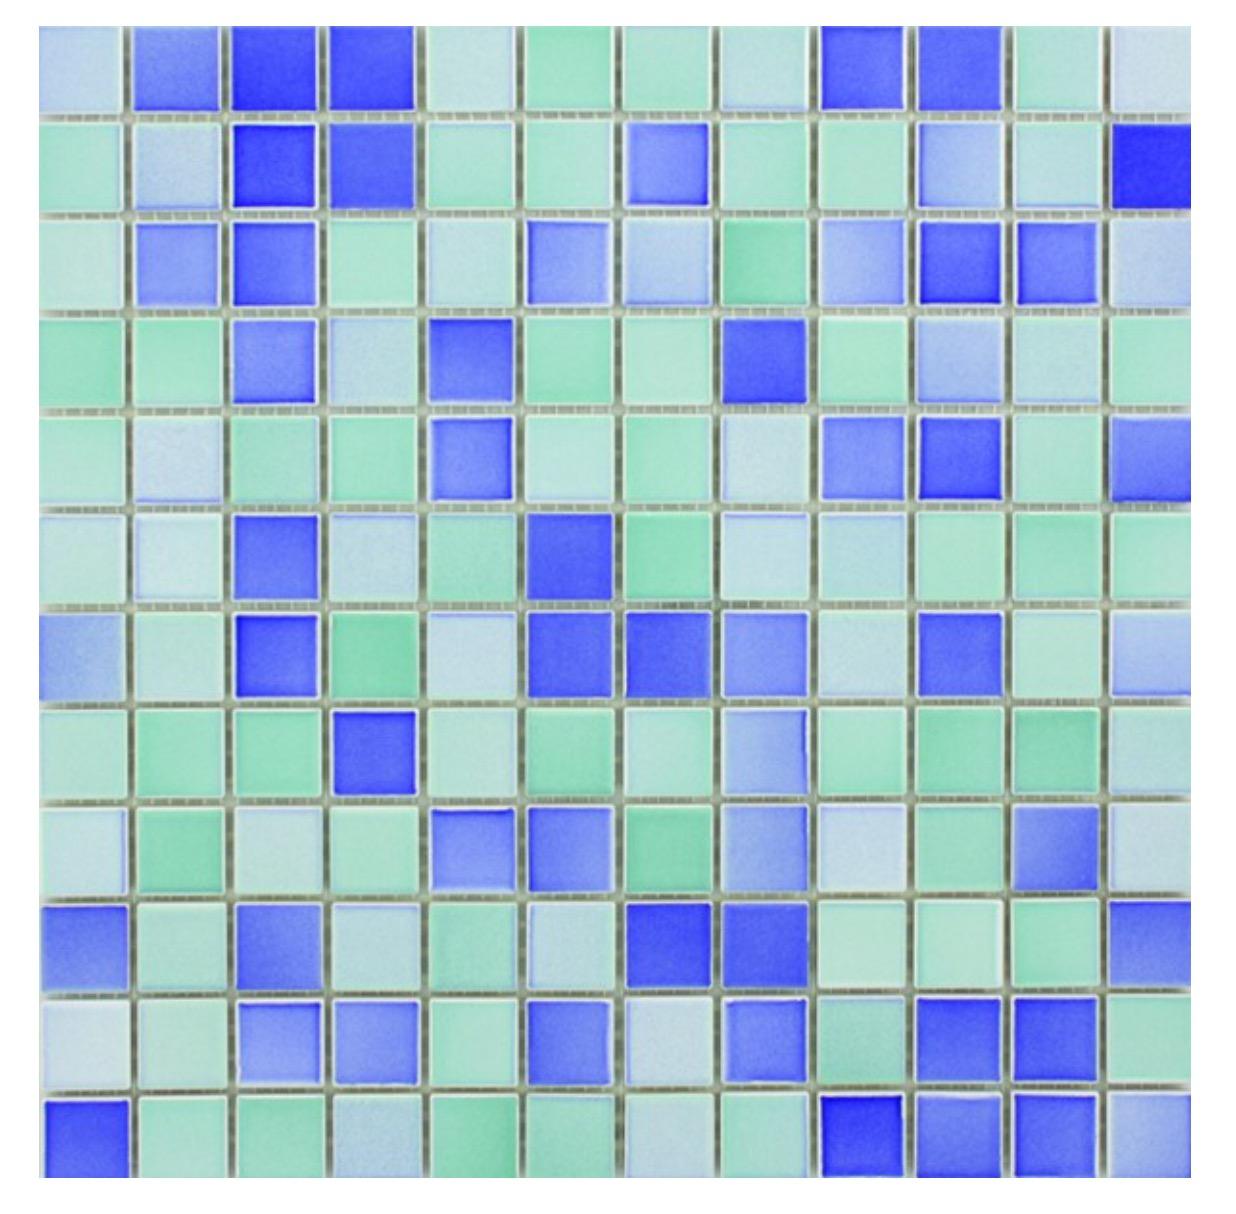 Waxman Ceramics Landscape Mosaic – Waterfall Mix-81 297mm x 297m11m ...